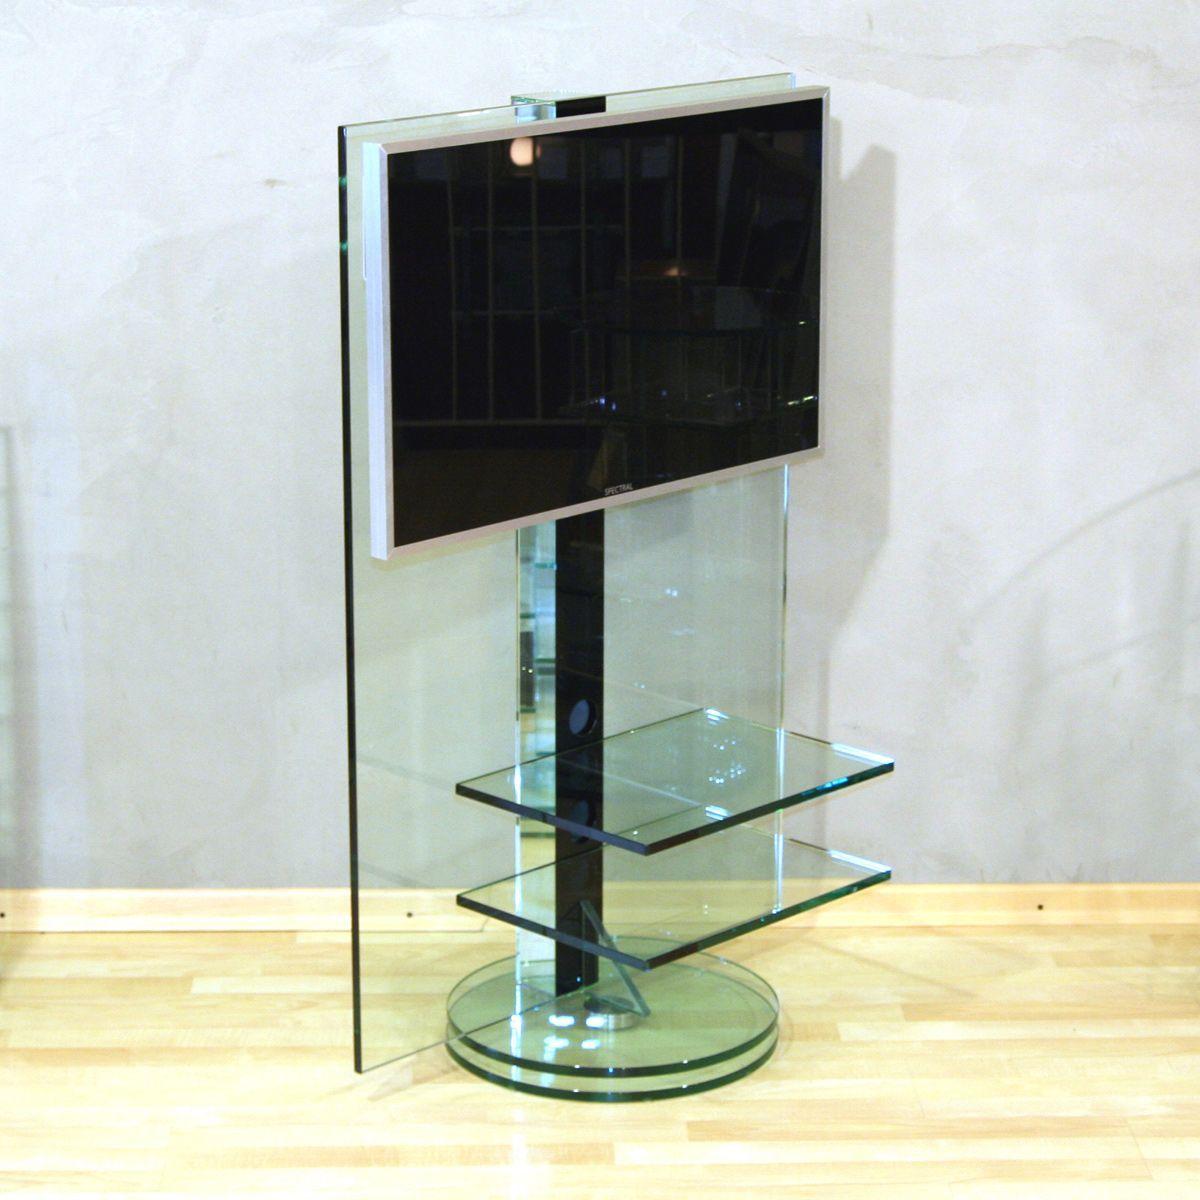 Tv Hifi Mobel Glas Hi Fi Son Tv Hifi Mobel Glas In 2020